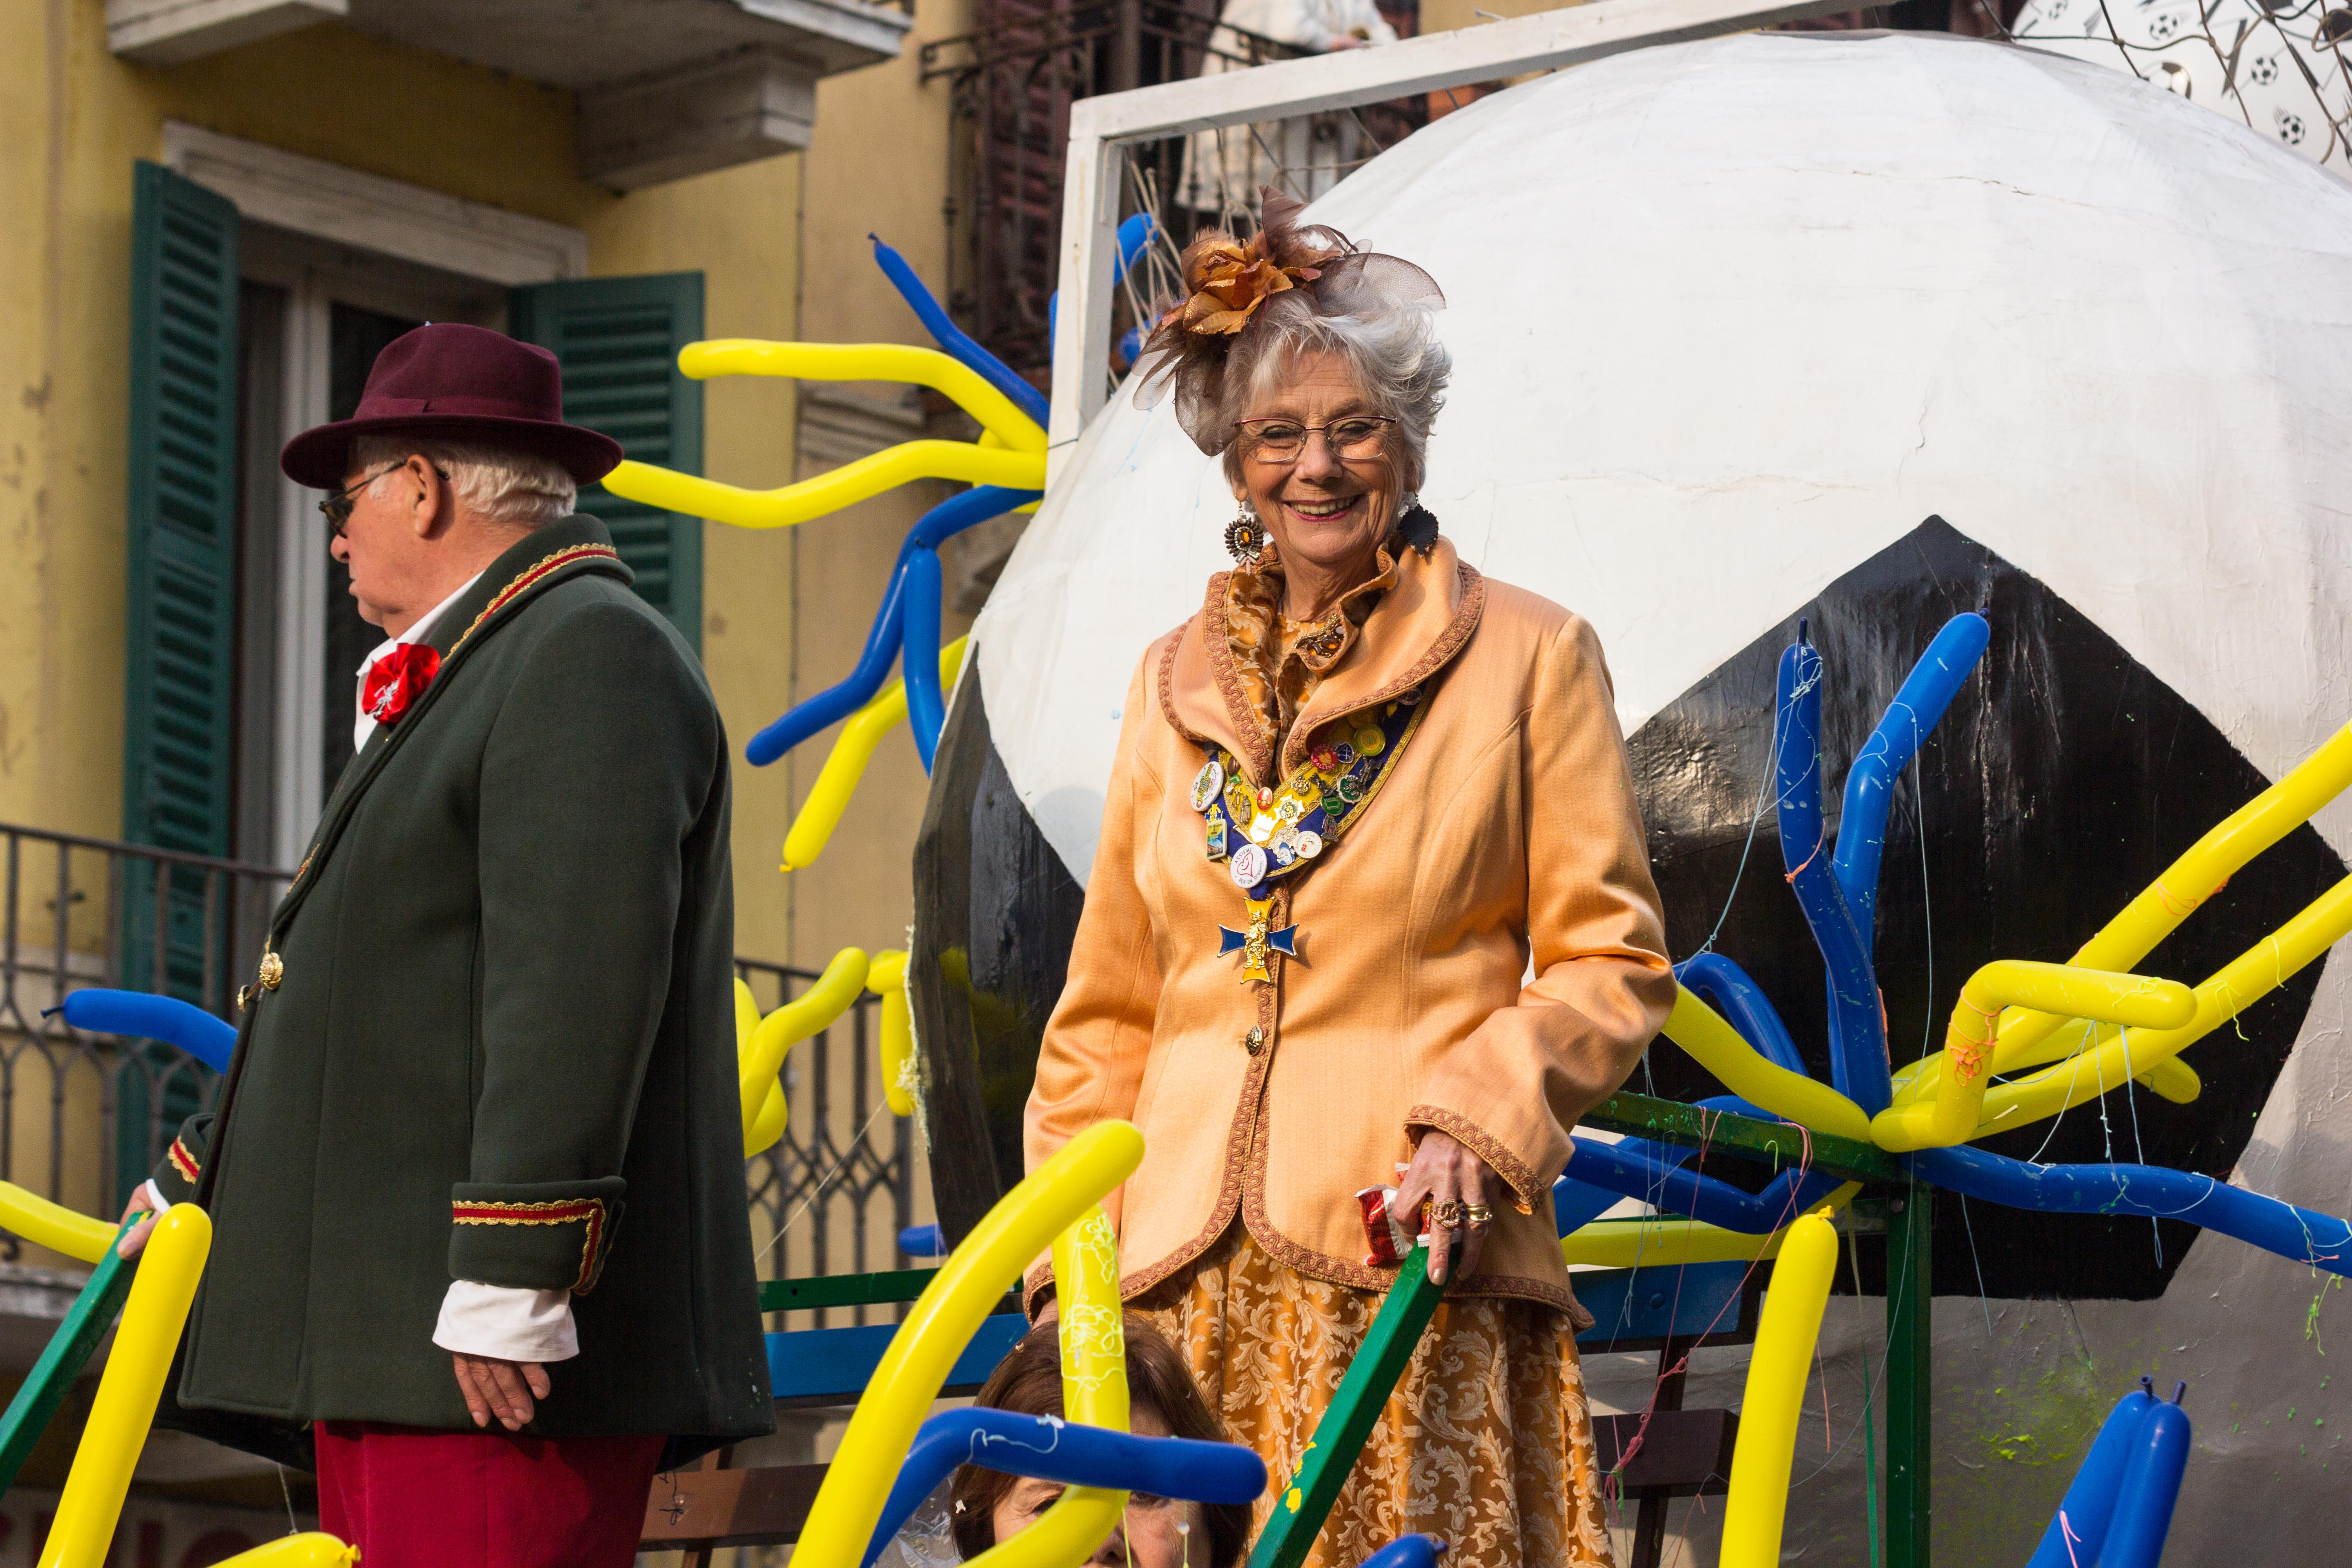 CarnevaleVerona2019-19